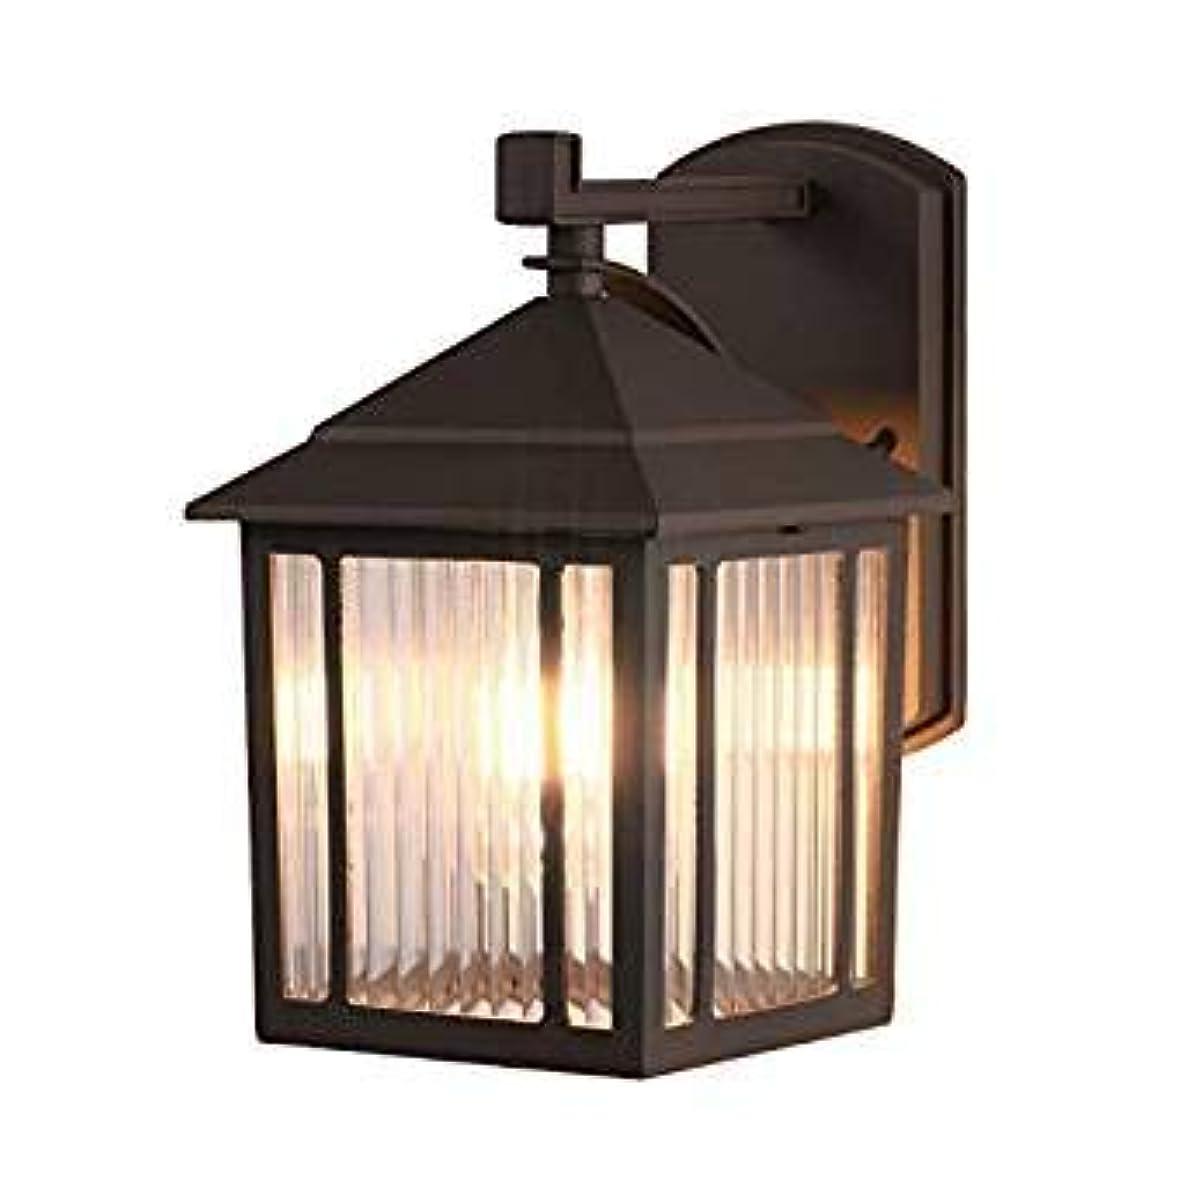 シングルやさしい腹Sakura ブラケットライト 玄関ライト ウォールランプ アンティーク調 北欧 レトロ おしゃれ 門灯 外灯 壁掛け照明 インテリア ブラック